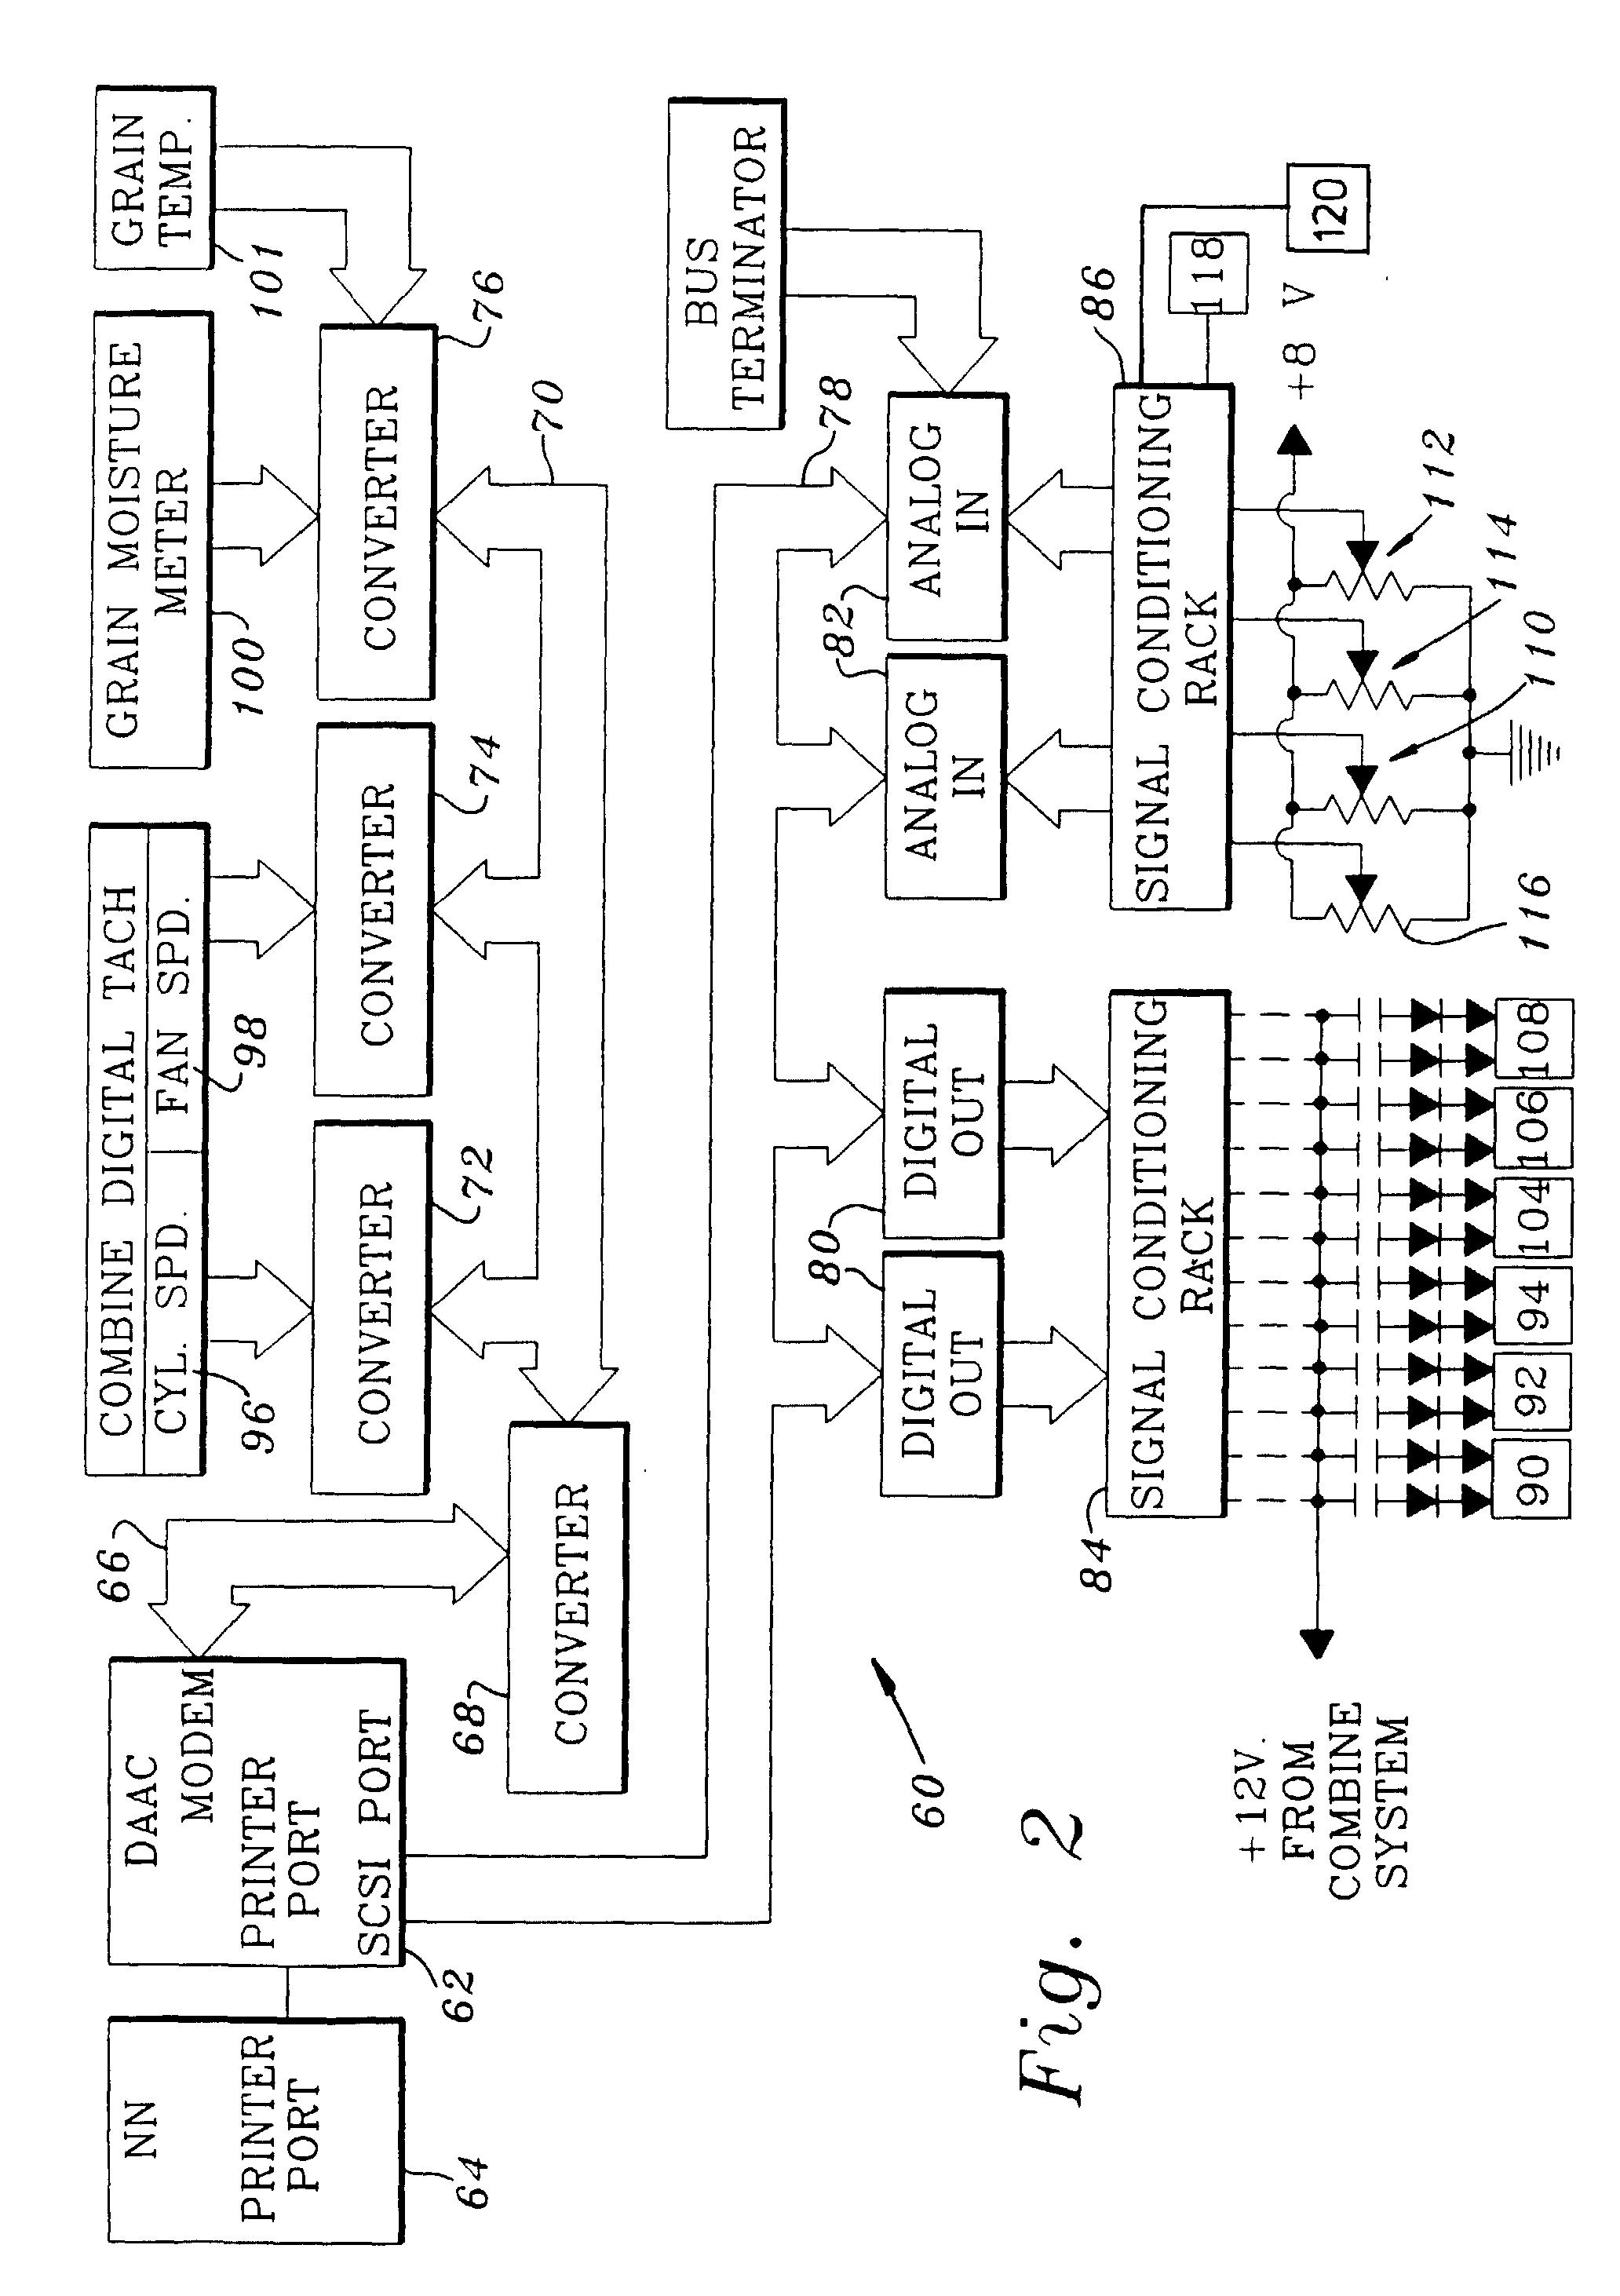 john deere 9400 combine wiring diagram john deere 5420